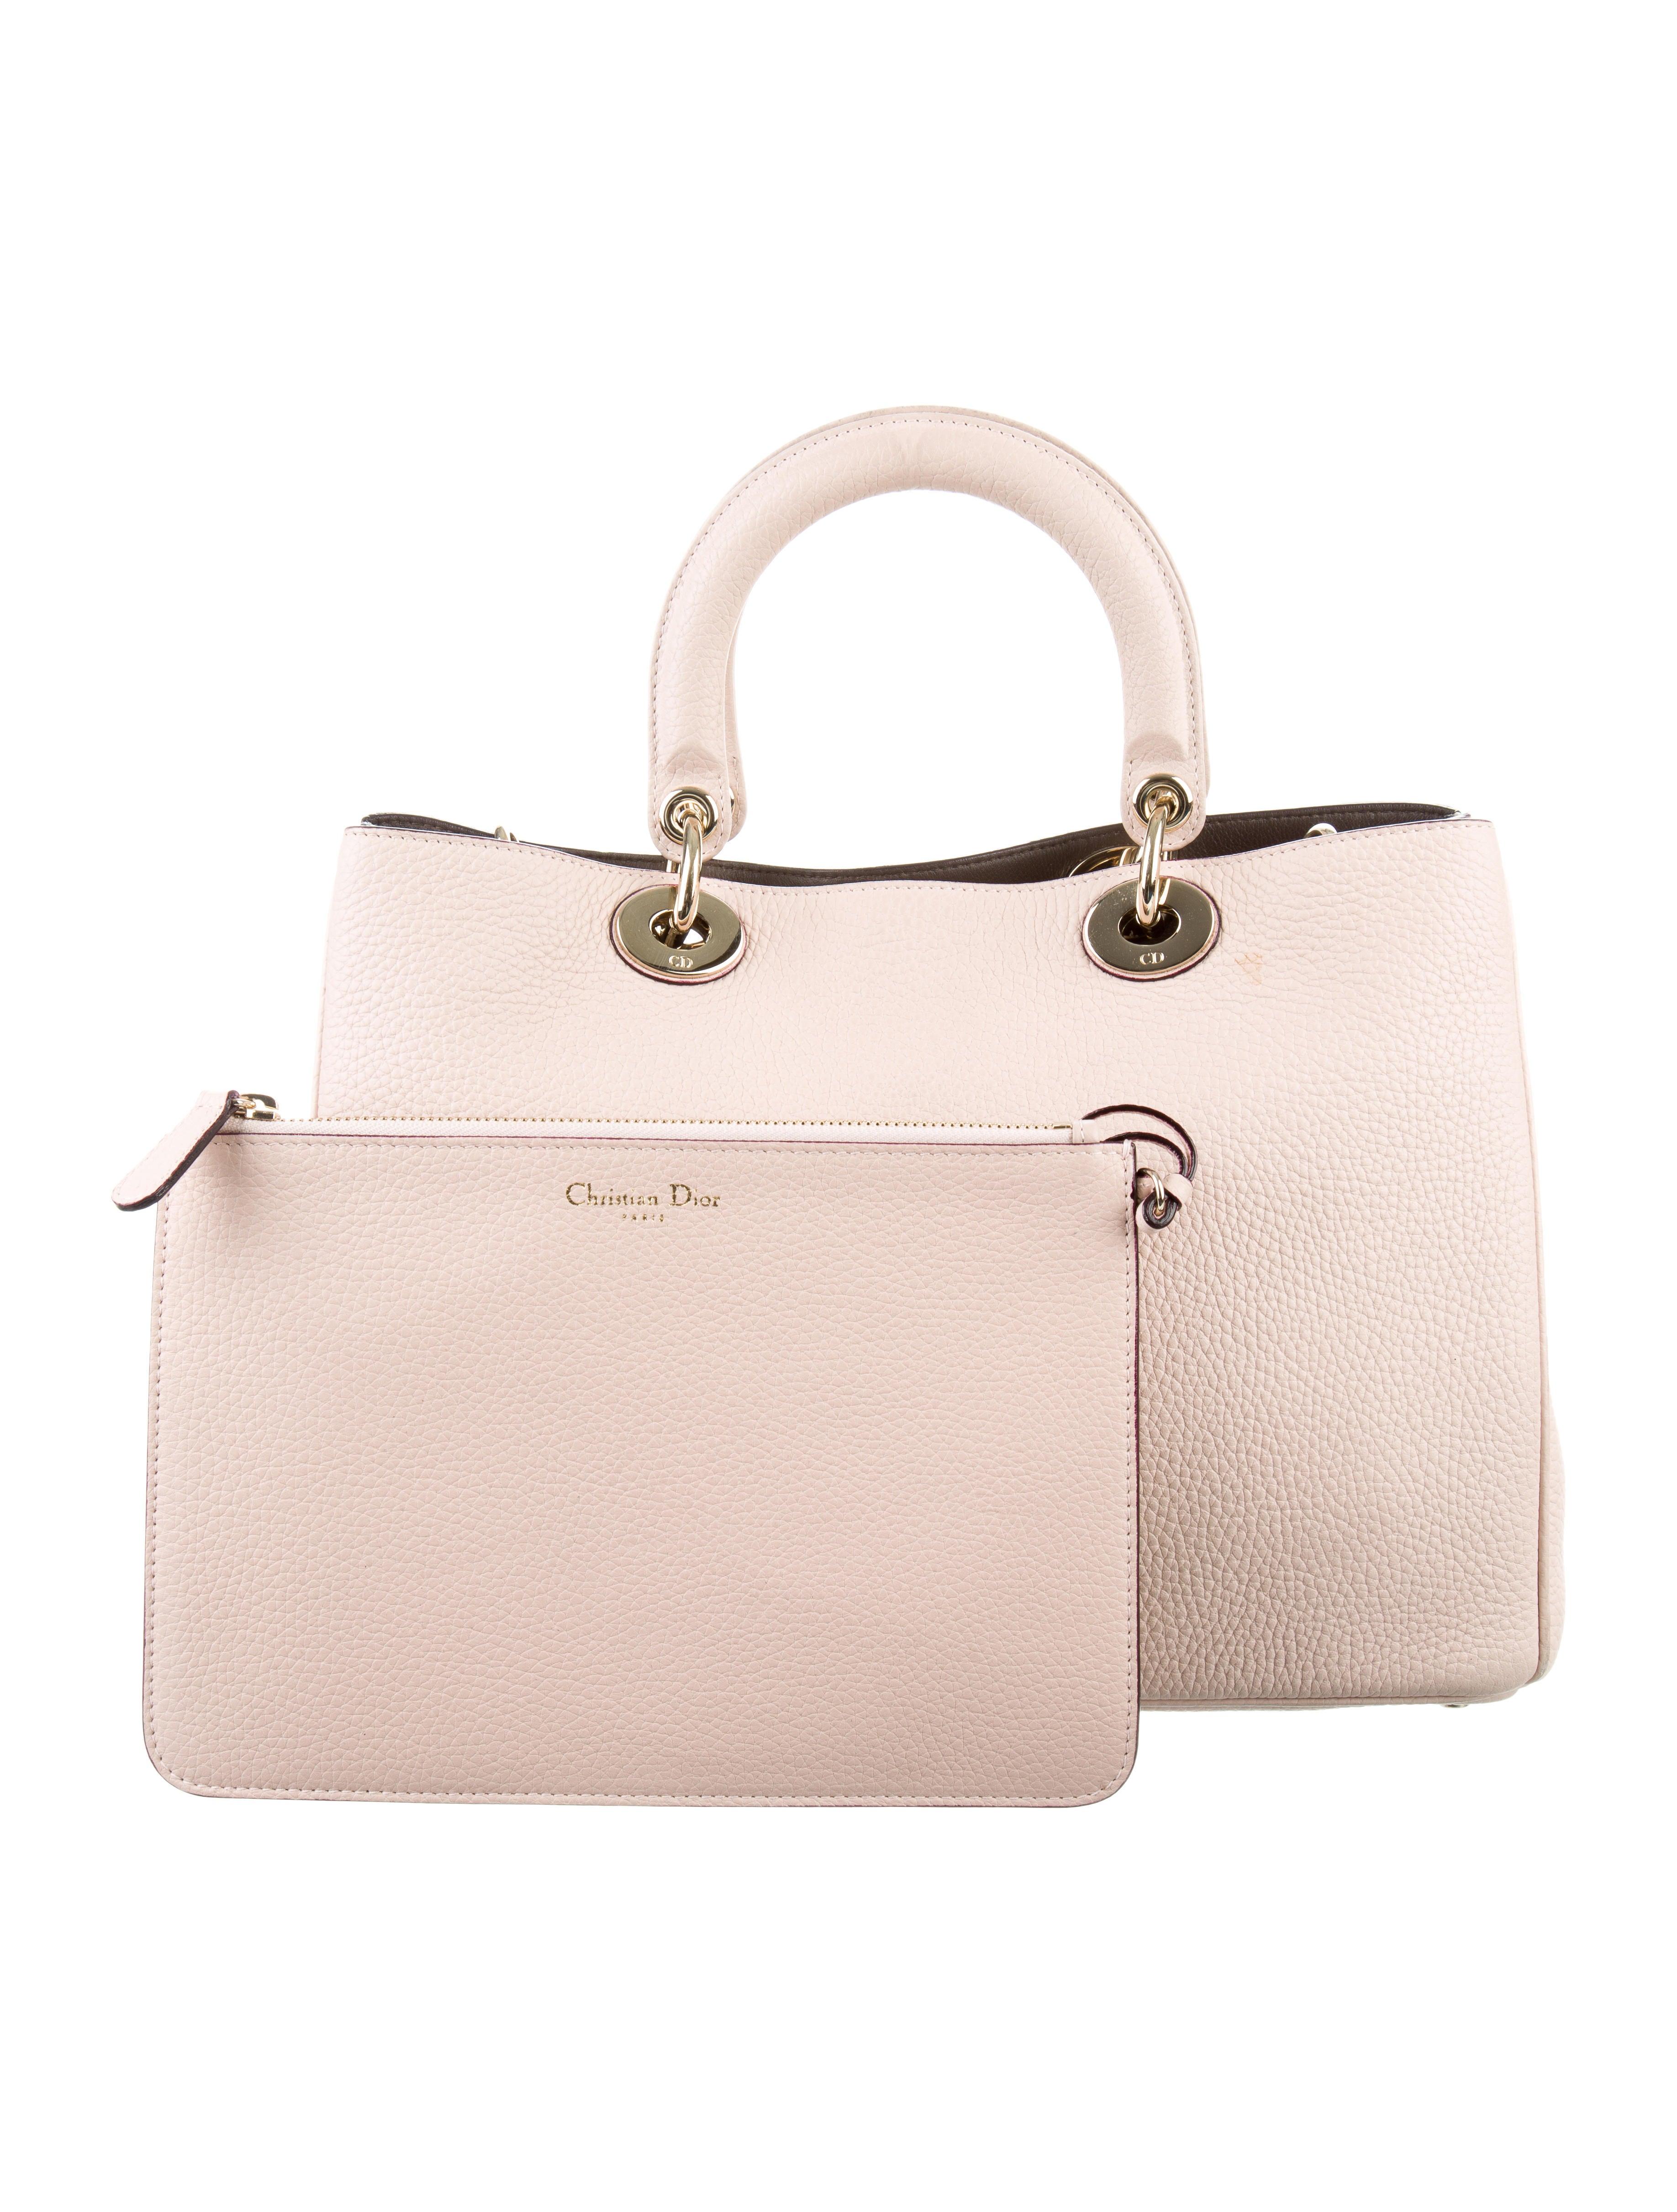 Christian Dior Medium Diorissimo Bag - Handbags - CHR62359 ...